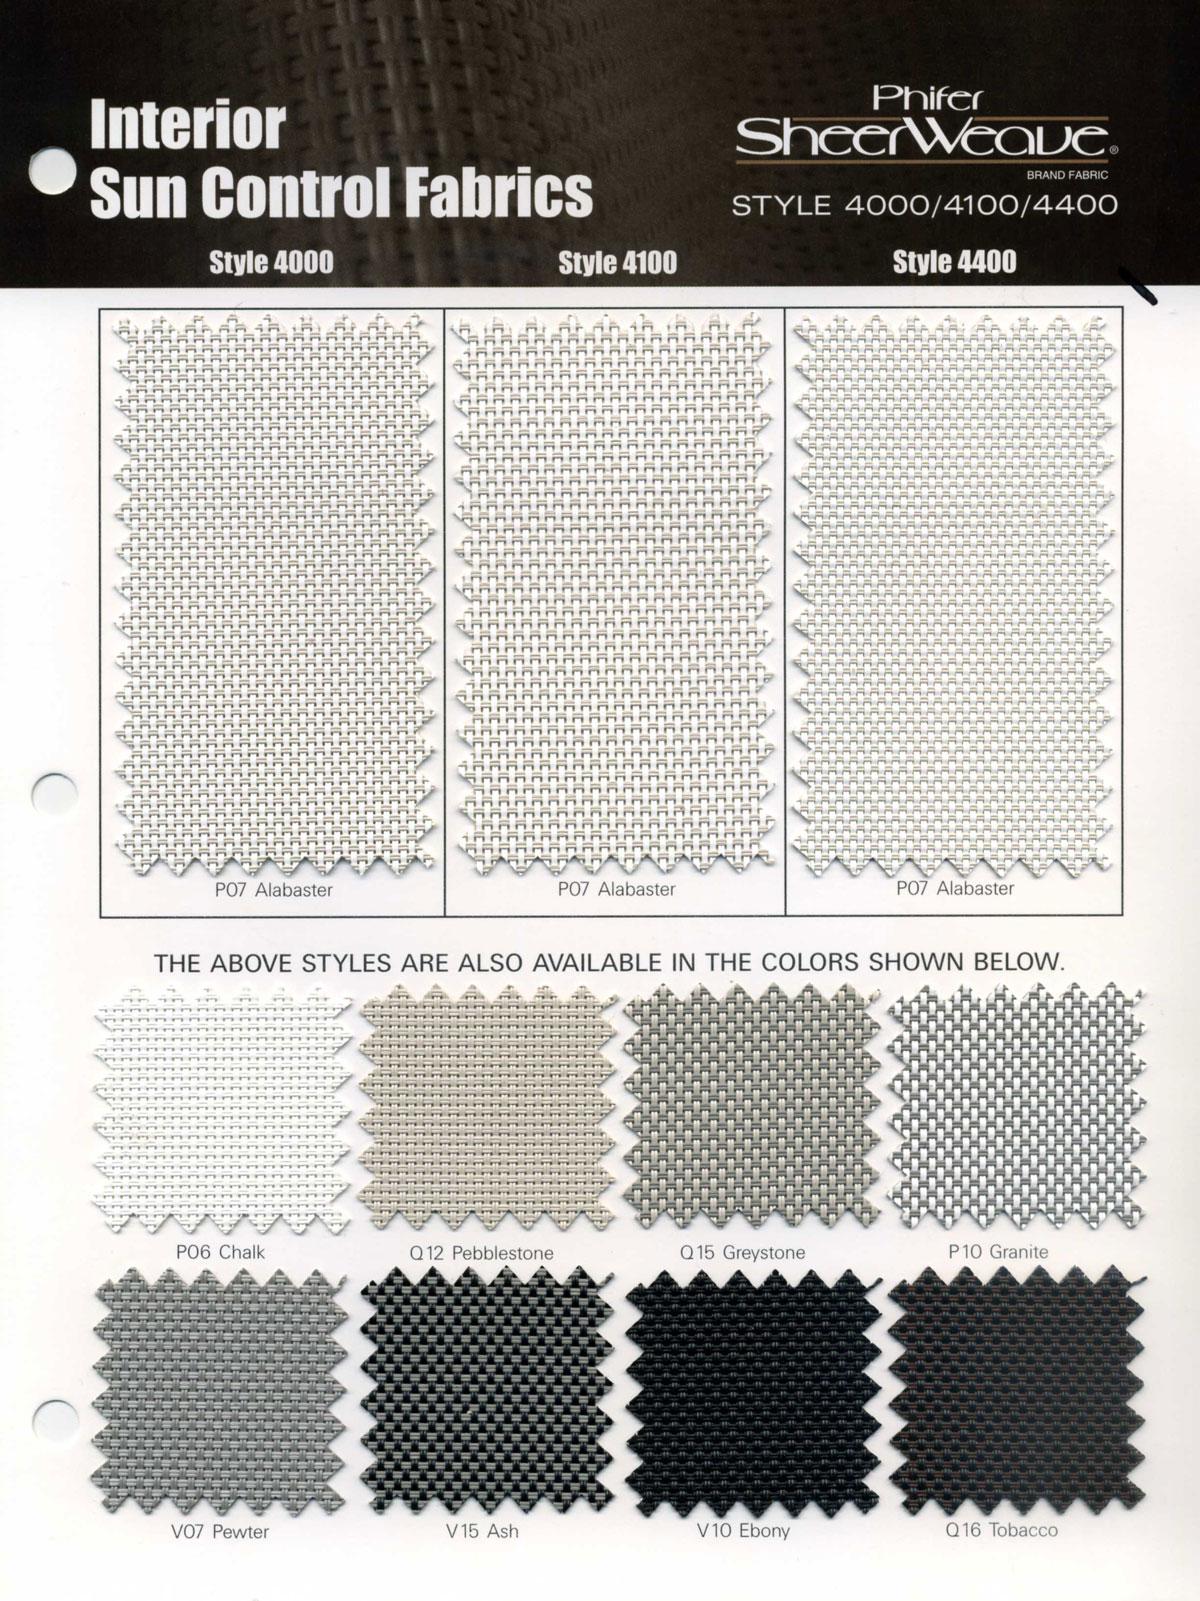 Phifer Sheerweave Phifer SheerWeave Style 4100 Sample Card  Search Results